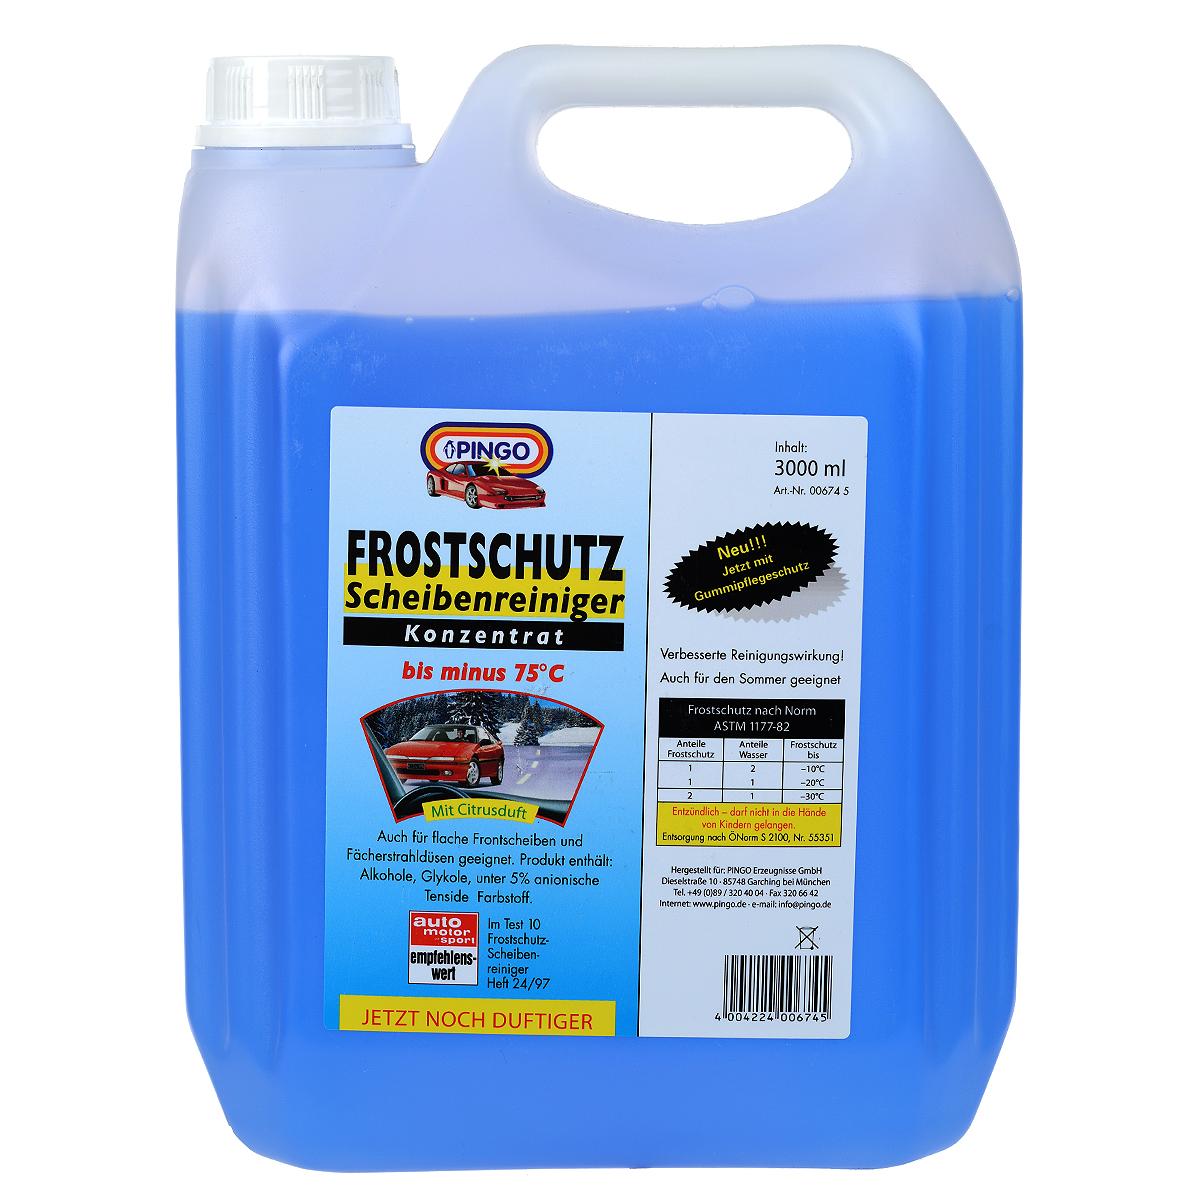 Незамерзающая стеклоочистительная жидкость Pingo, до -75°С, 3 лВетерок 2ГФОбеспечивает быструю очистку лобового стекла автомобиля от дорожной грязи, химических реагентов, масляной пленки и т.д. Концентрат разбавляется водой в различных пропорциях в зависимости от температуры воздуха. Готовый состав не замерзает ни на стеклах, ни в шлангах, ни в форсунках стеклоомывателя.Благодаря наличию в составе активных моющих компонентов препарат эффективно и быстро очищает стекла от загрязнений, не оставляя разводов и мутной пленки. Содержит компоненты, удаляющие известковые отложения в шлангах и форсунках стеклоомывателя. Не повреждает лакокрасочное покрытие и пластик. Не содержит метанола. Изготовлена на базе изопропилового спирта.Способ применения: залить в бачок стеклоомывателя, разбавить водой в соответствии с таблицей, указанной на главной этикетке.Меры предосторожности: Избегать проглатывания и попадания в глаза. Не давать детям. Характеристики:Размер емкости: 19 см х 9,5 см х 25 см. Размер упаковки: 19 см х 9,5 см х 25 см. Состав: вода, изопропиловый спирт, моноэтиленгликоль, поверхностно-активные вещества, краситель, ароматизатор.